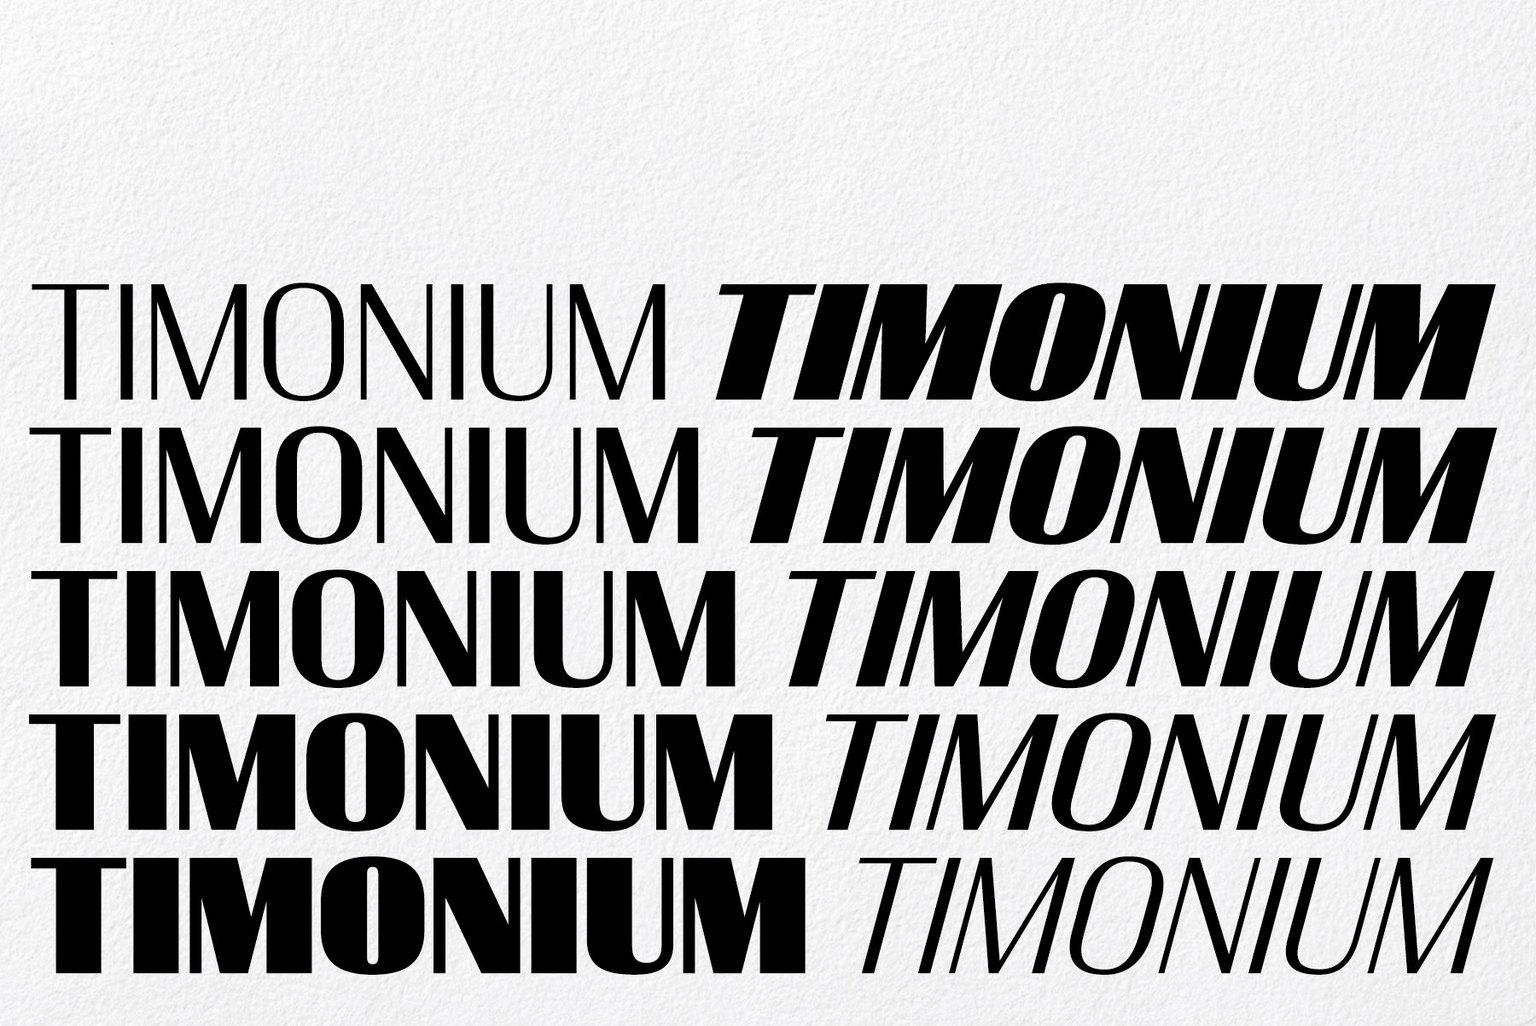 Vllg typesupply news timonium